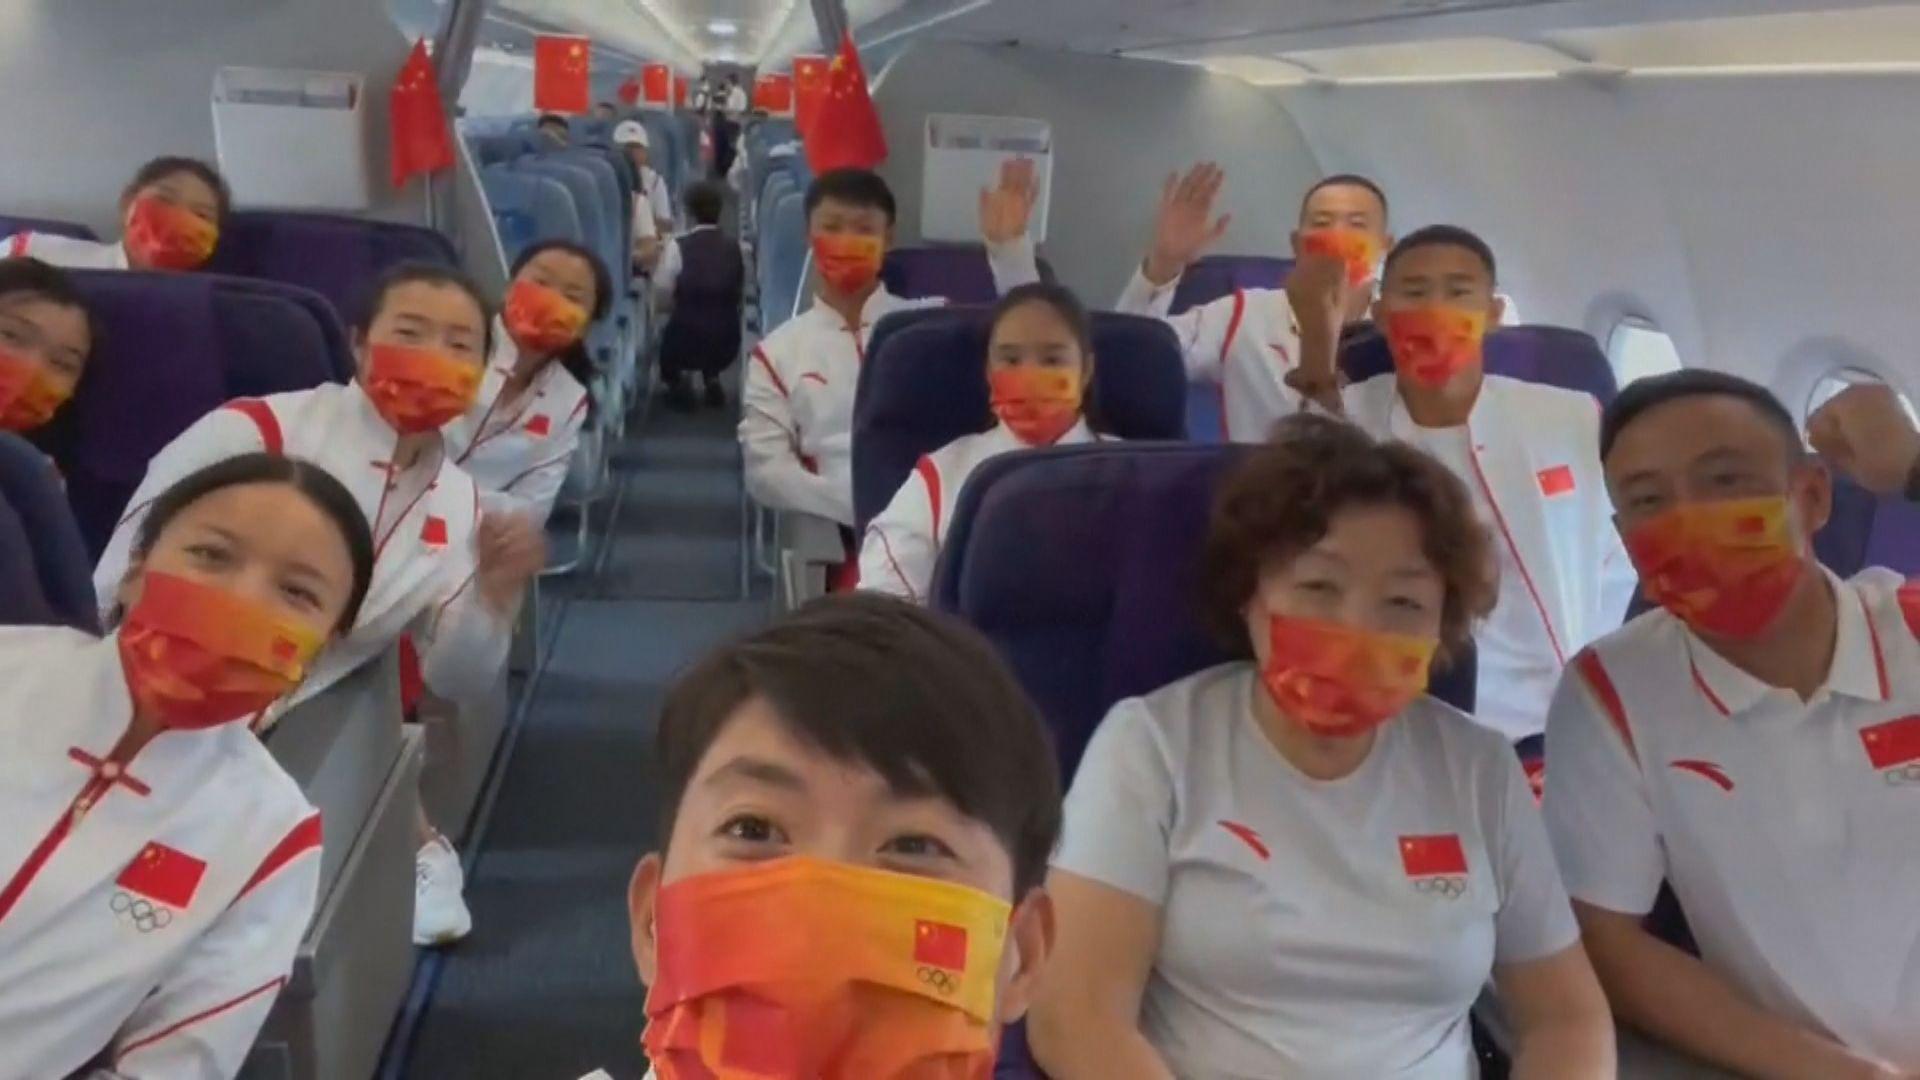 中國首支奧運代表隊抵達日本備戰東京奧運